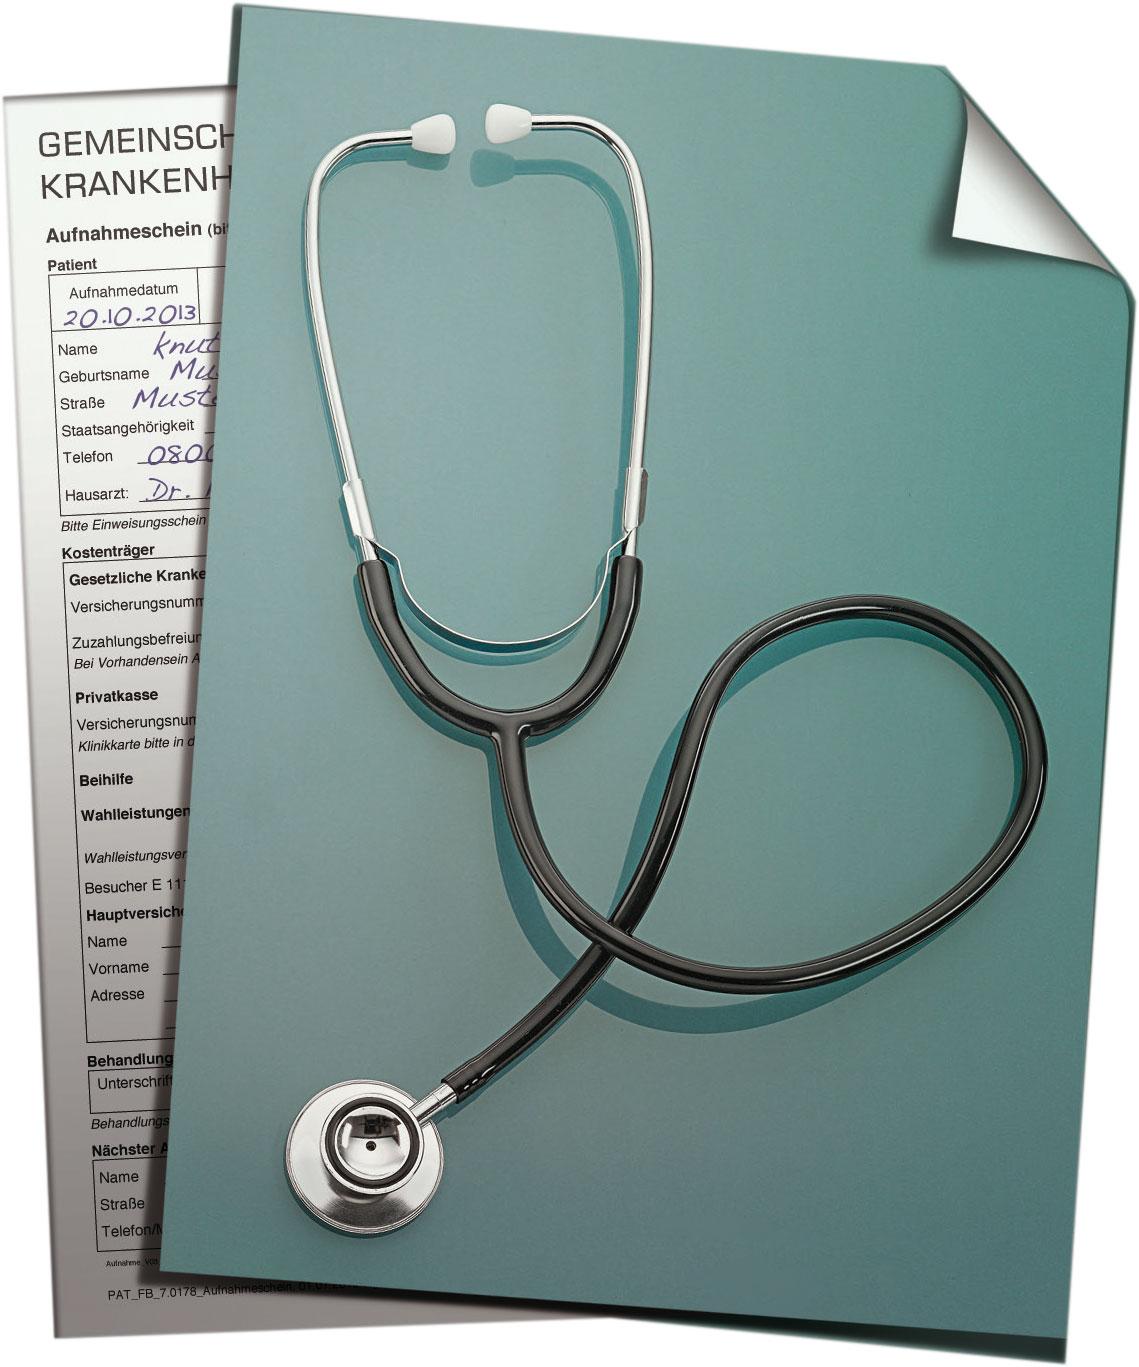 KYOCERA im Gesundheitswesen